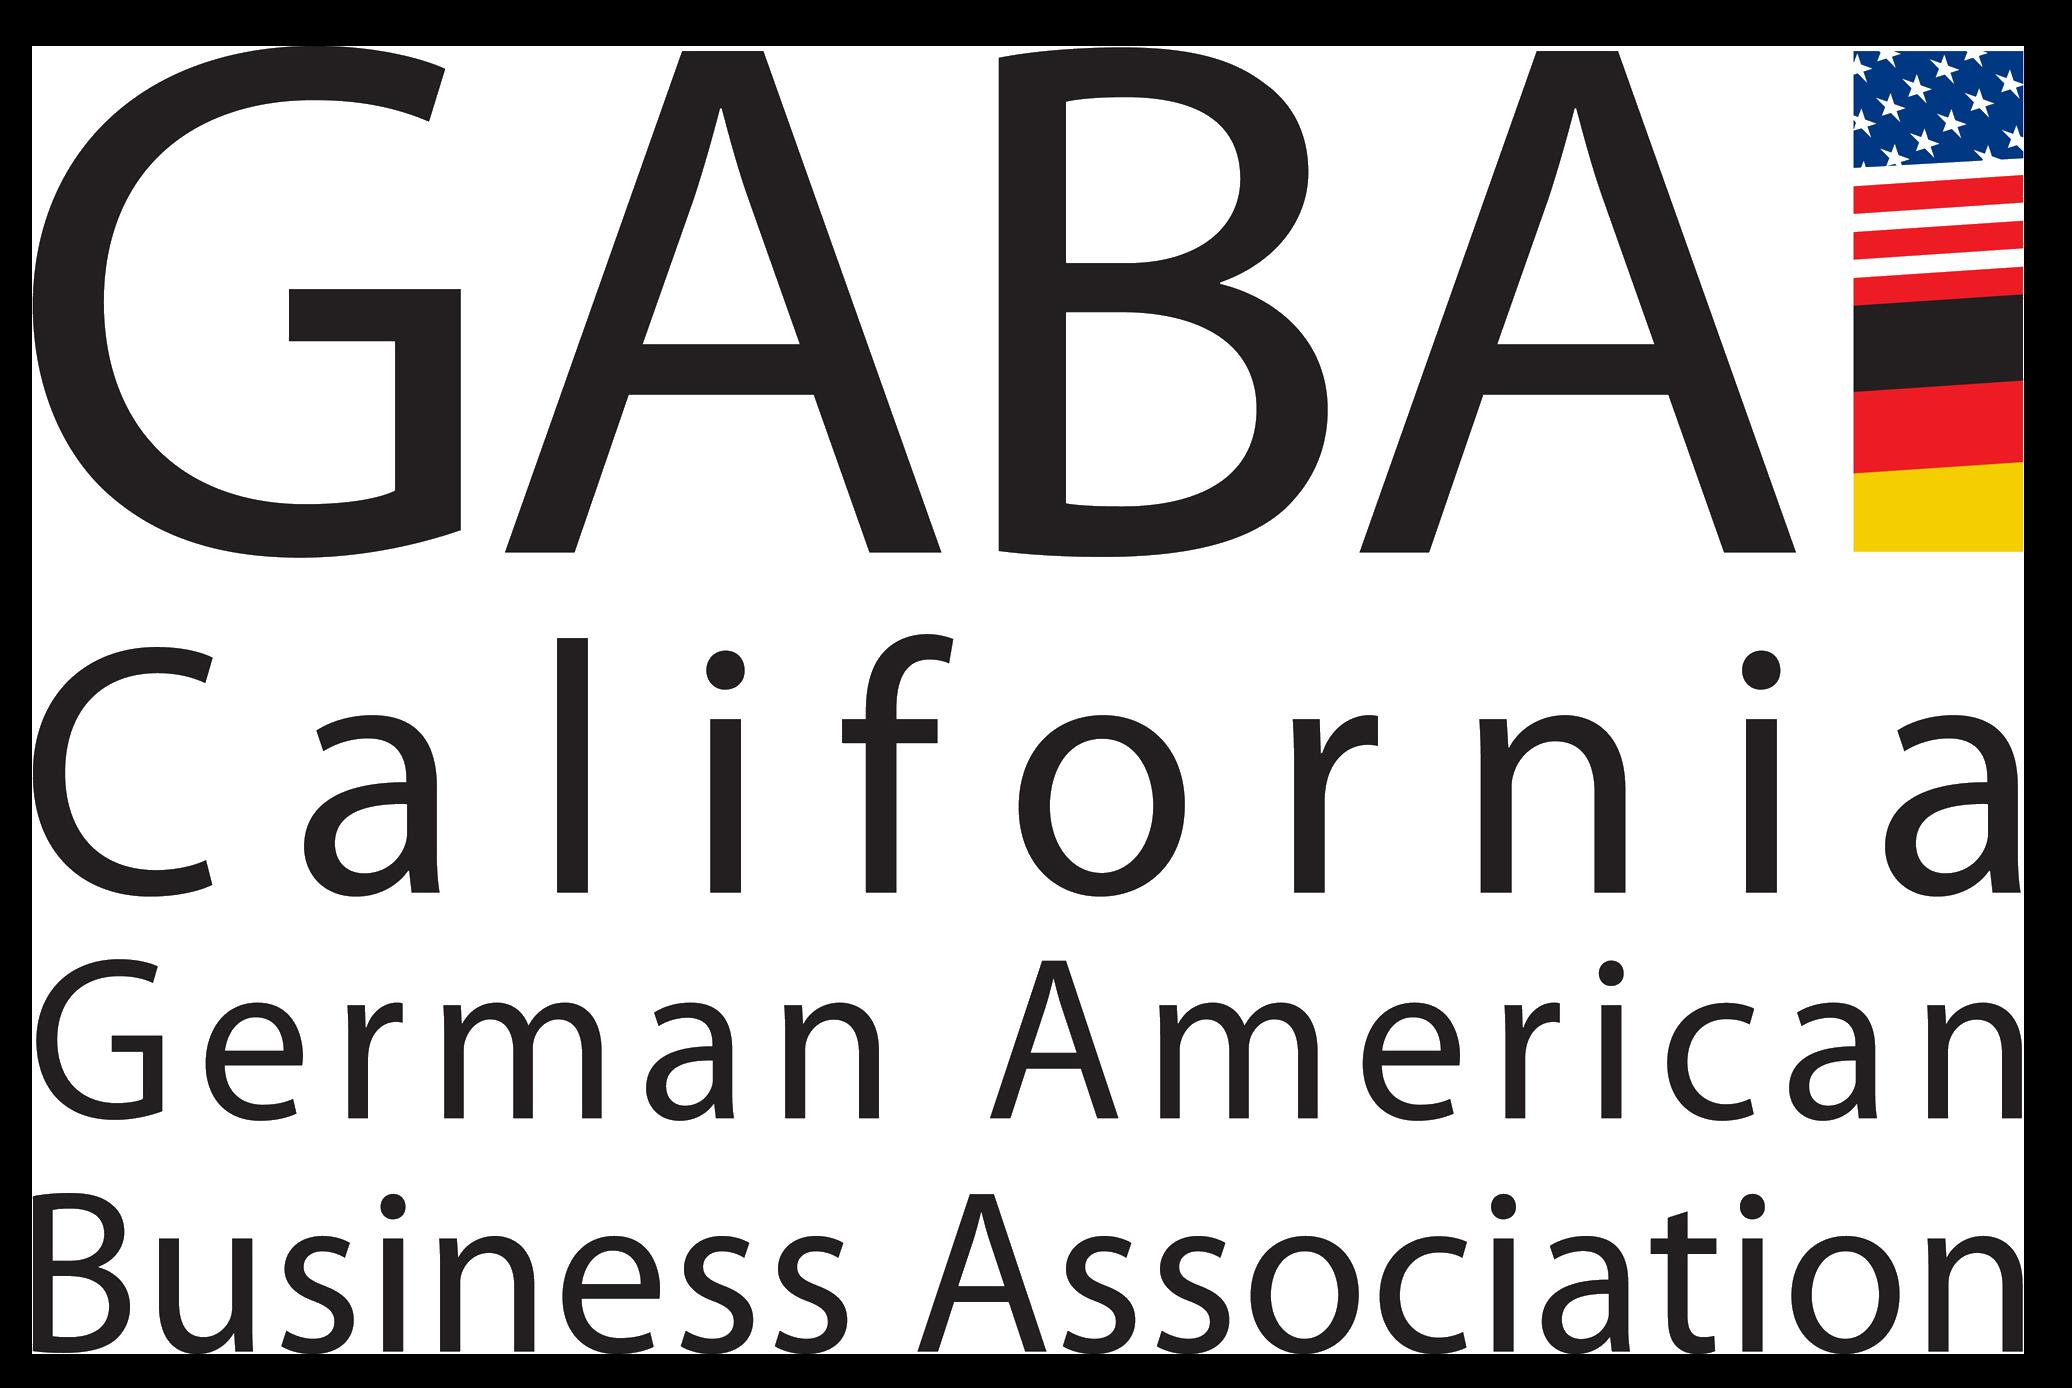 GABA_logo_newest_version.png